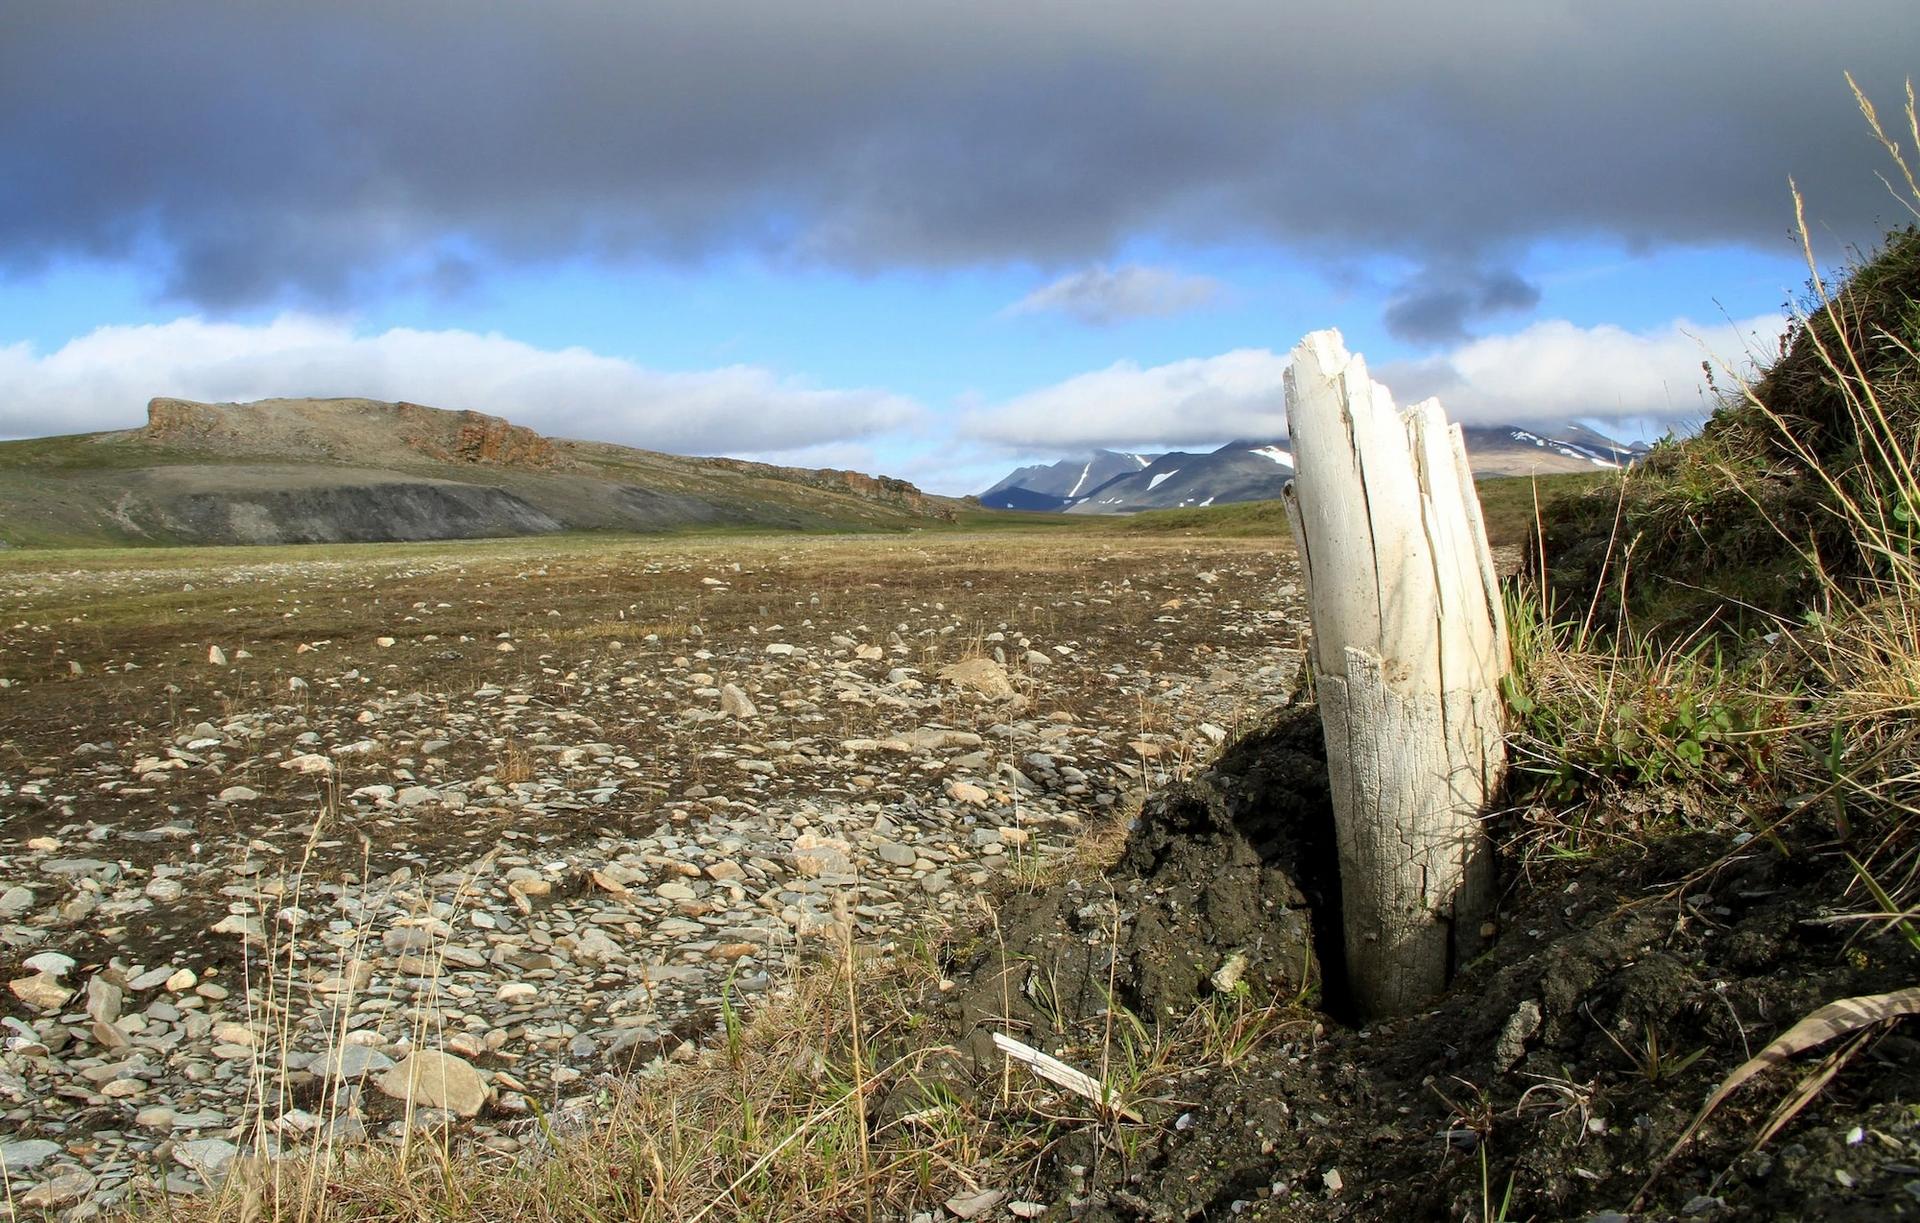 西伯利亞東北部蘭格爾島(Wrangel Island)的永凍土中有時會冒出真猛瑪象的長牙。蘭格爾島是猛瑪象最後的棲地之一,其中有些猛瑪象存活到公元前2500年,這座島因此成為尋找猛瑪象DNA的實用地點。PHOTOGRAPH BY LOVE DALÉN